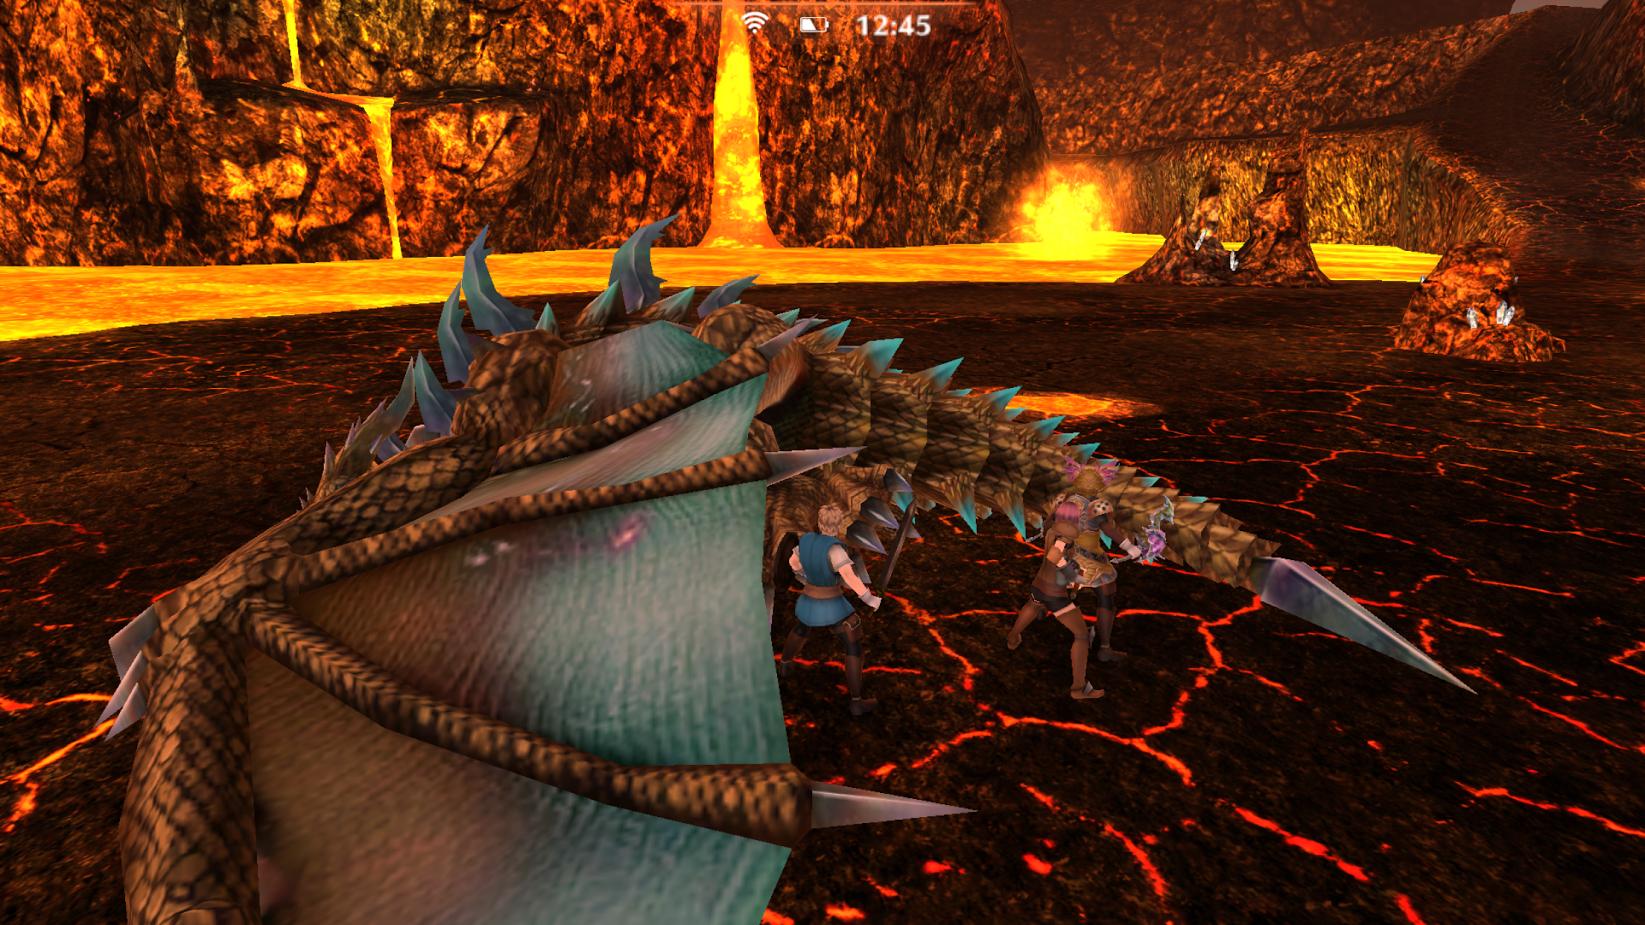 Dragon Project - Săn Rồng Mobile: Hướng dẫn cách lên cấp nhanh 2